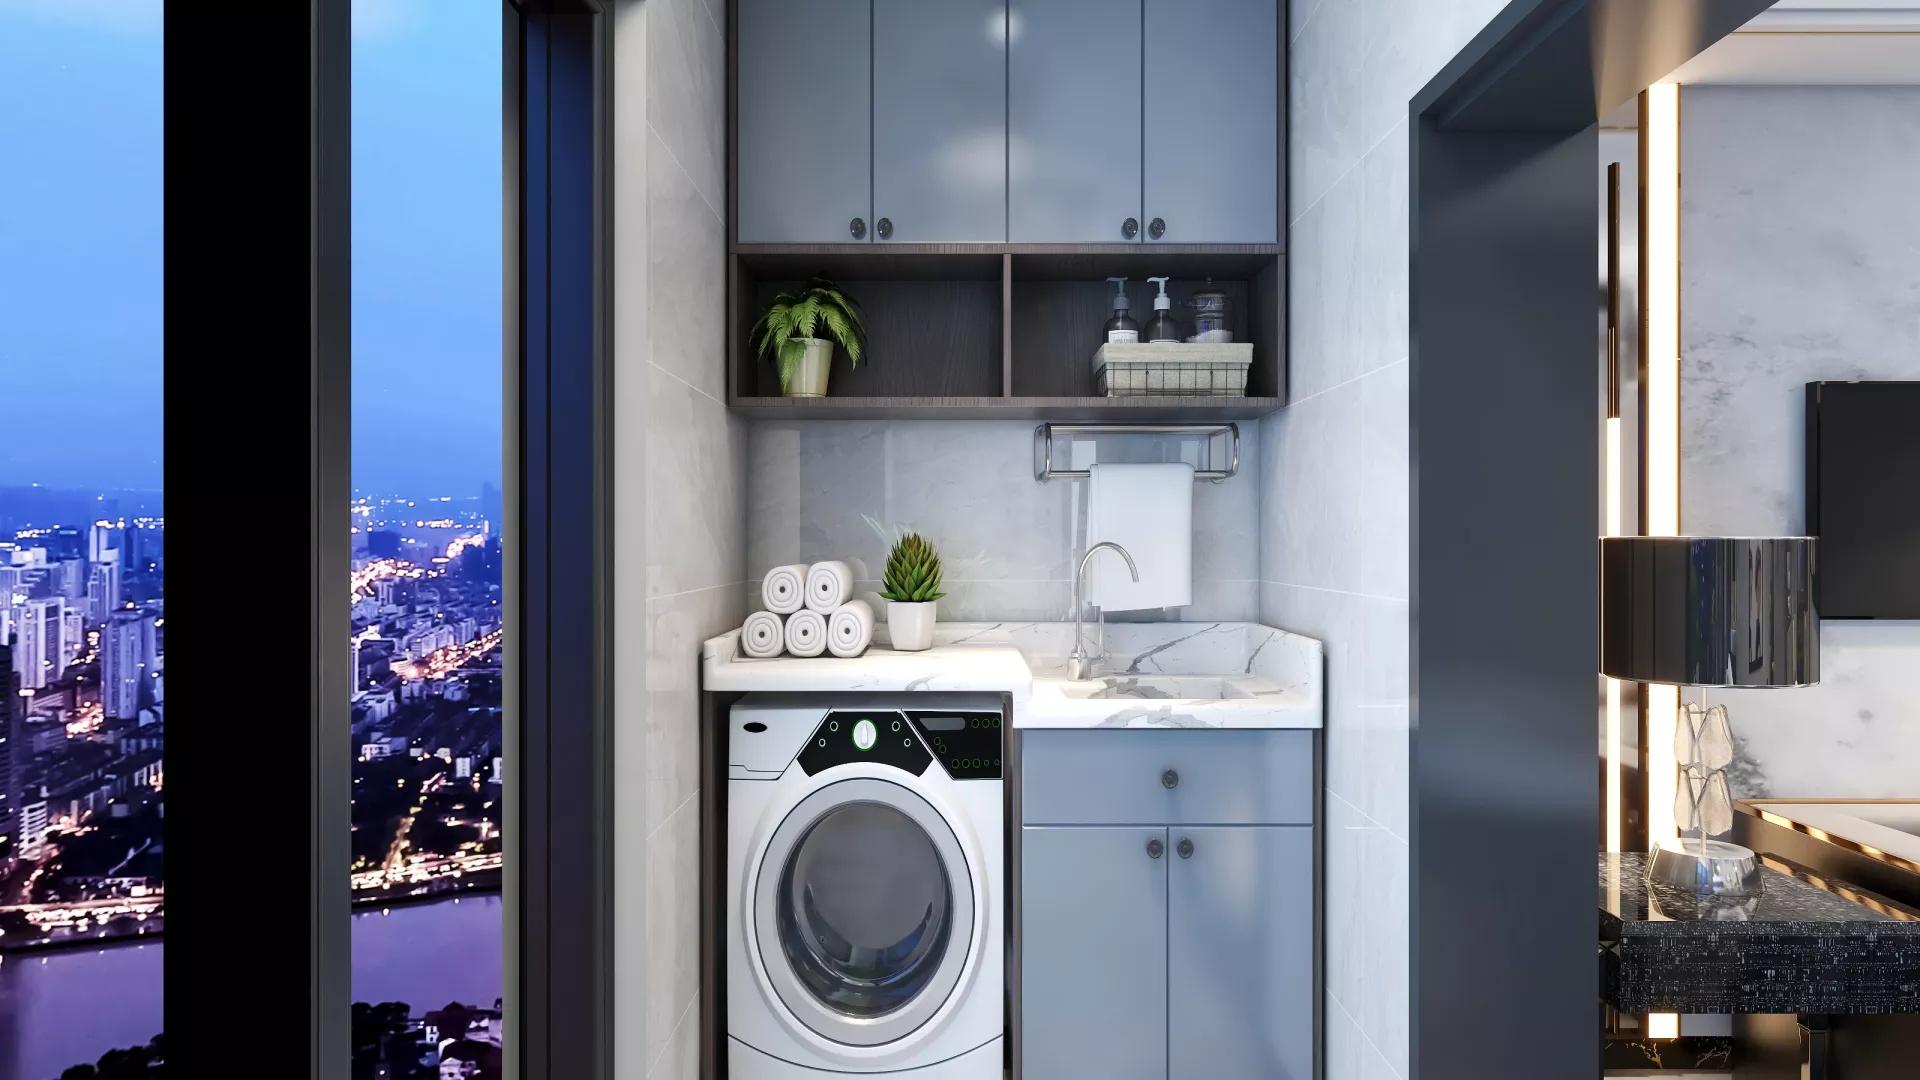 厨房隔断门应该如何装修设计比较好?